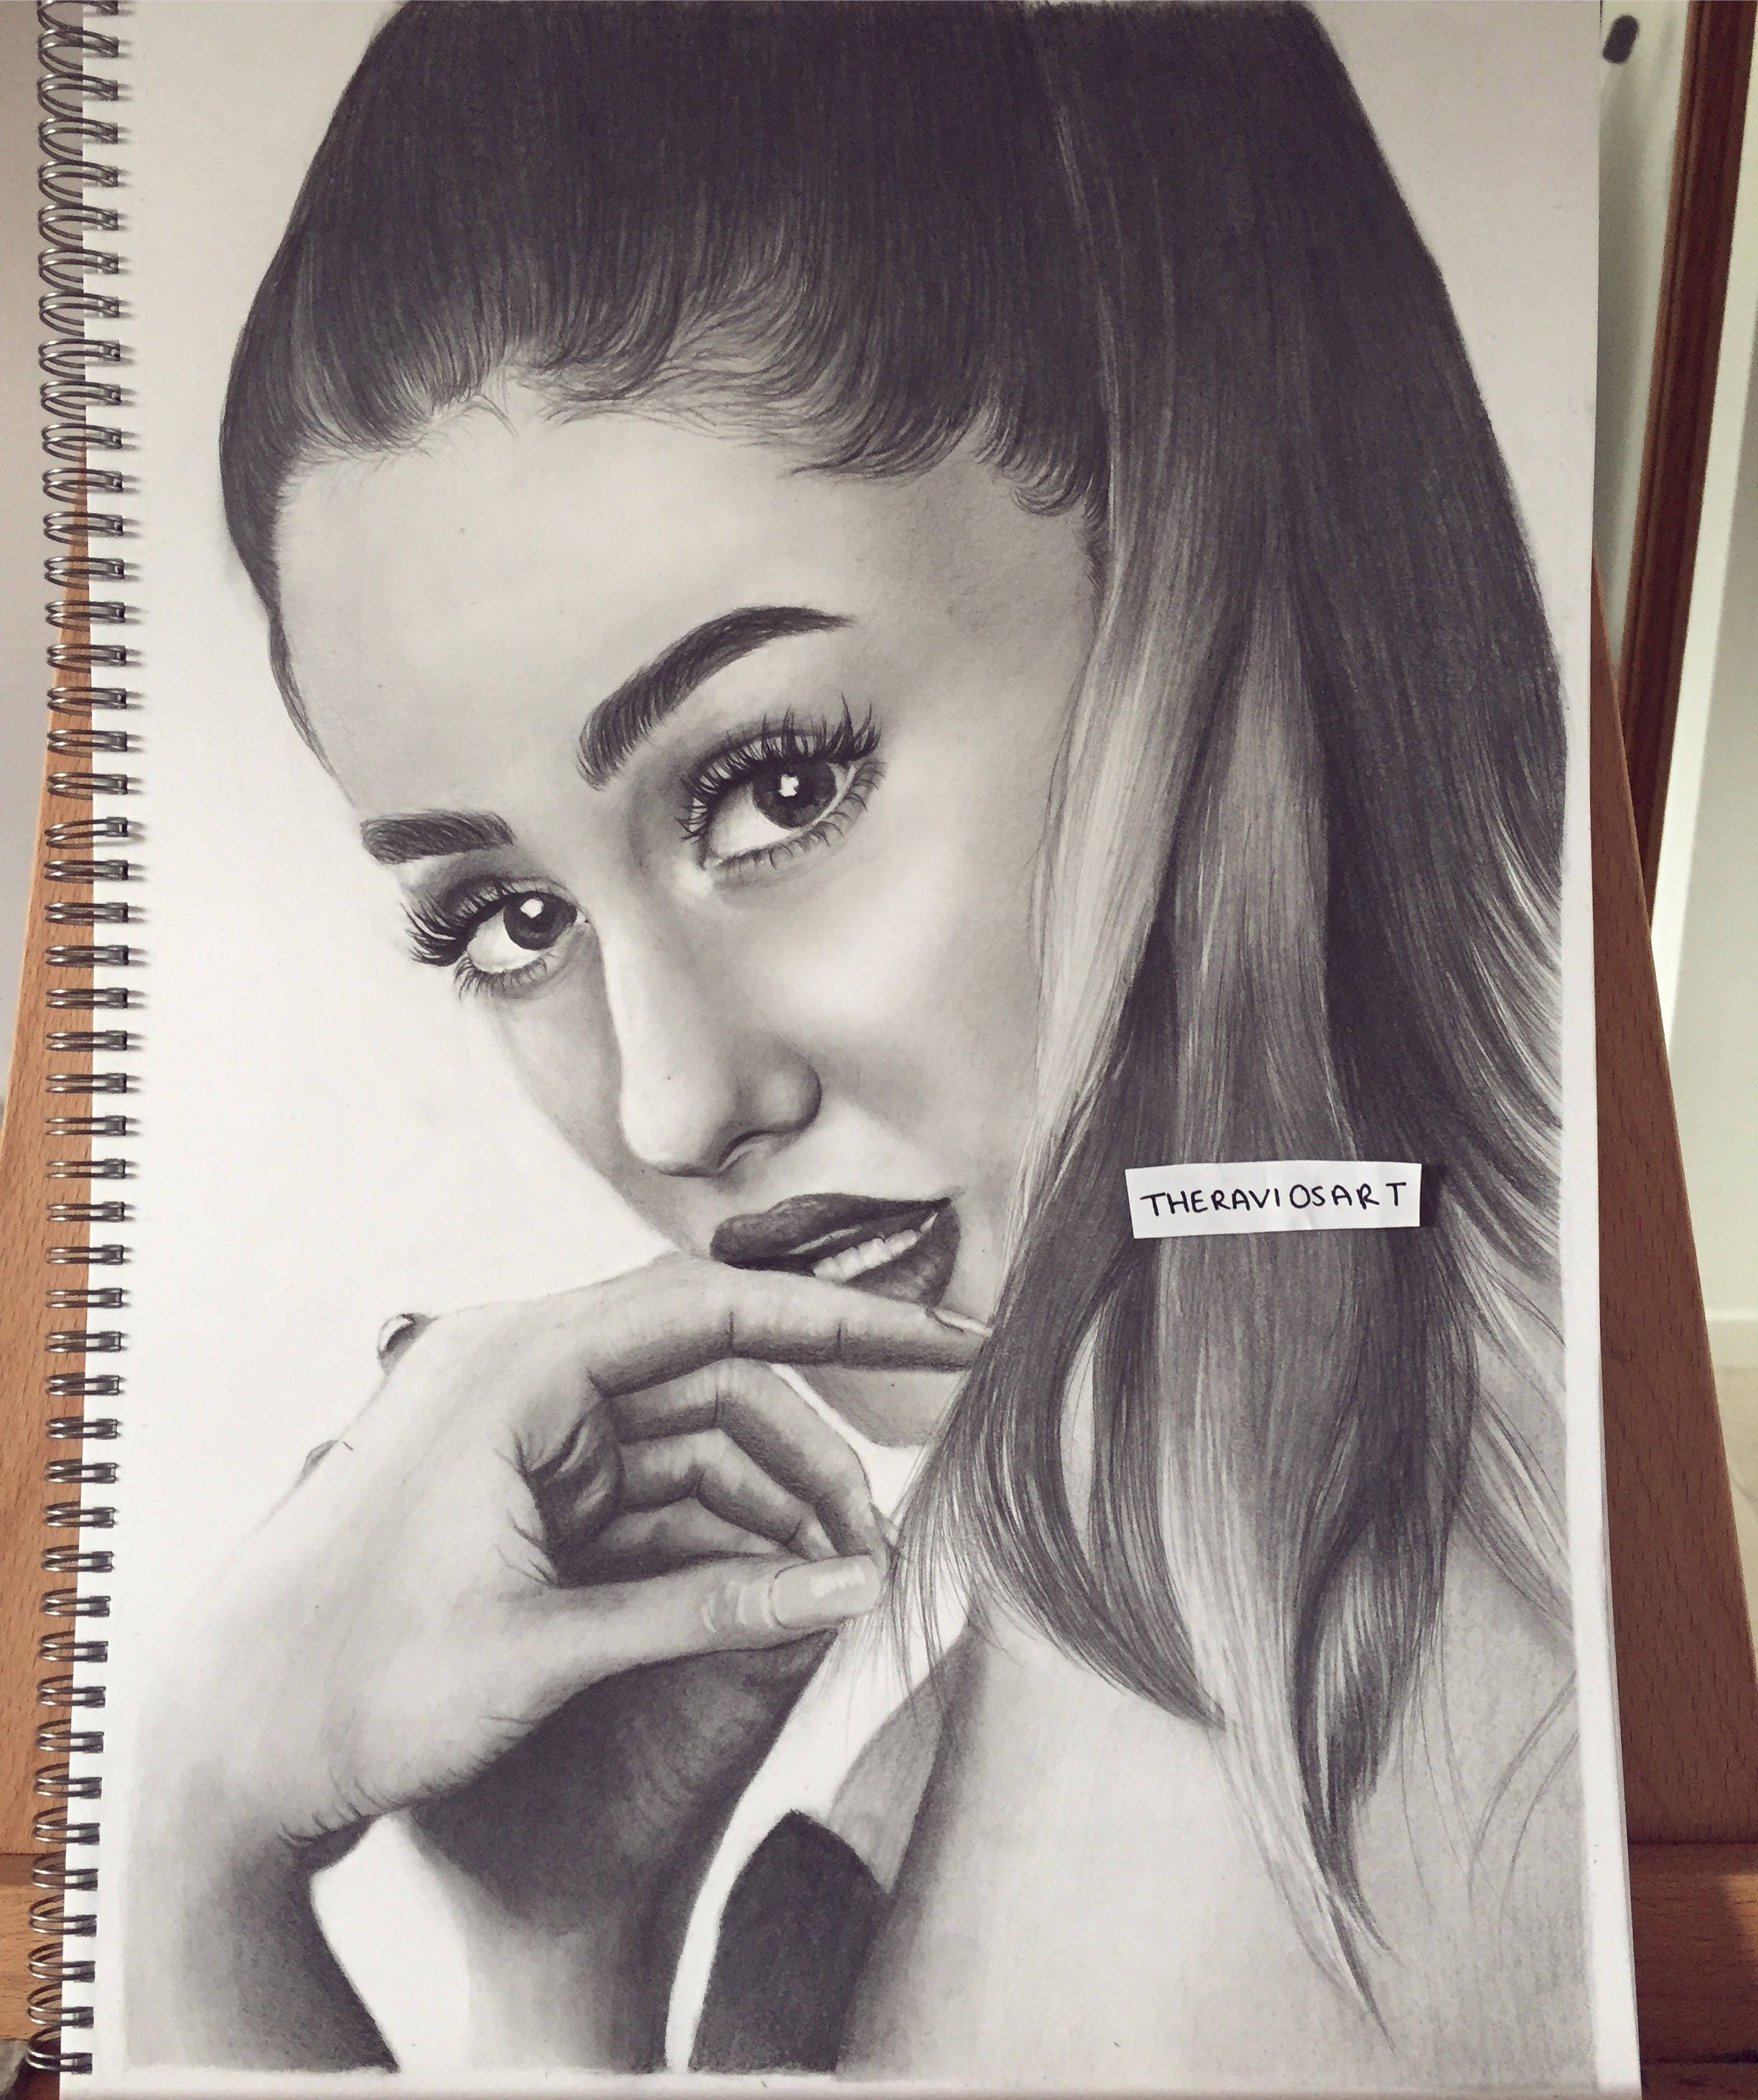 Ariana grande original porträt zeichnung a3 größe maßgeschneiderte portrait zeichnung detaillierte portraitkunst